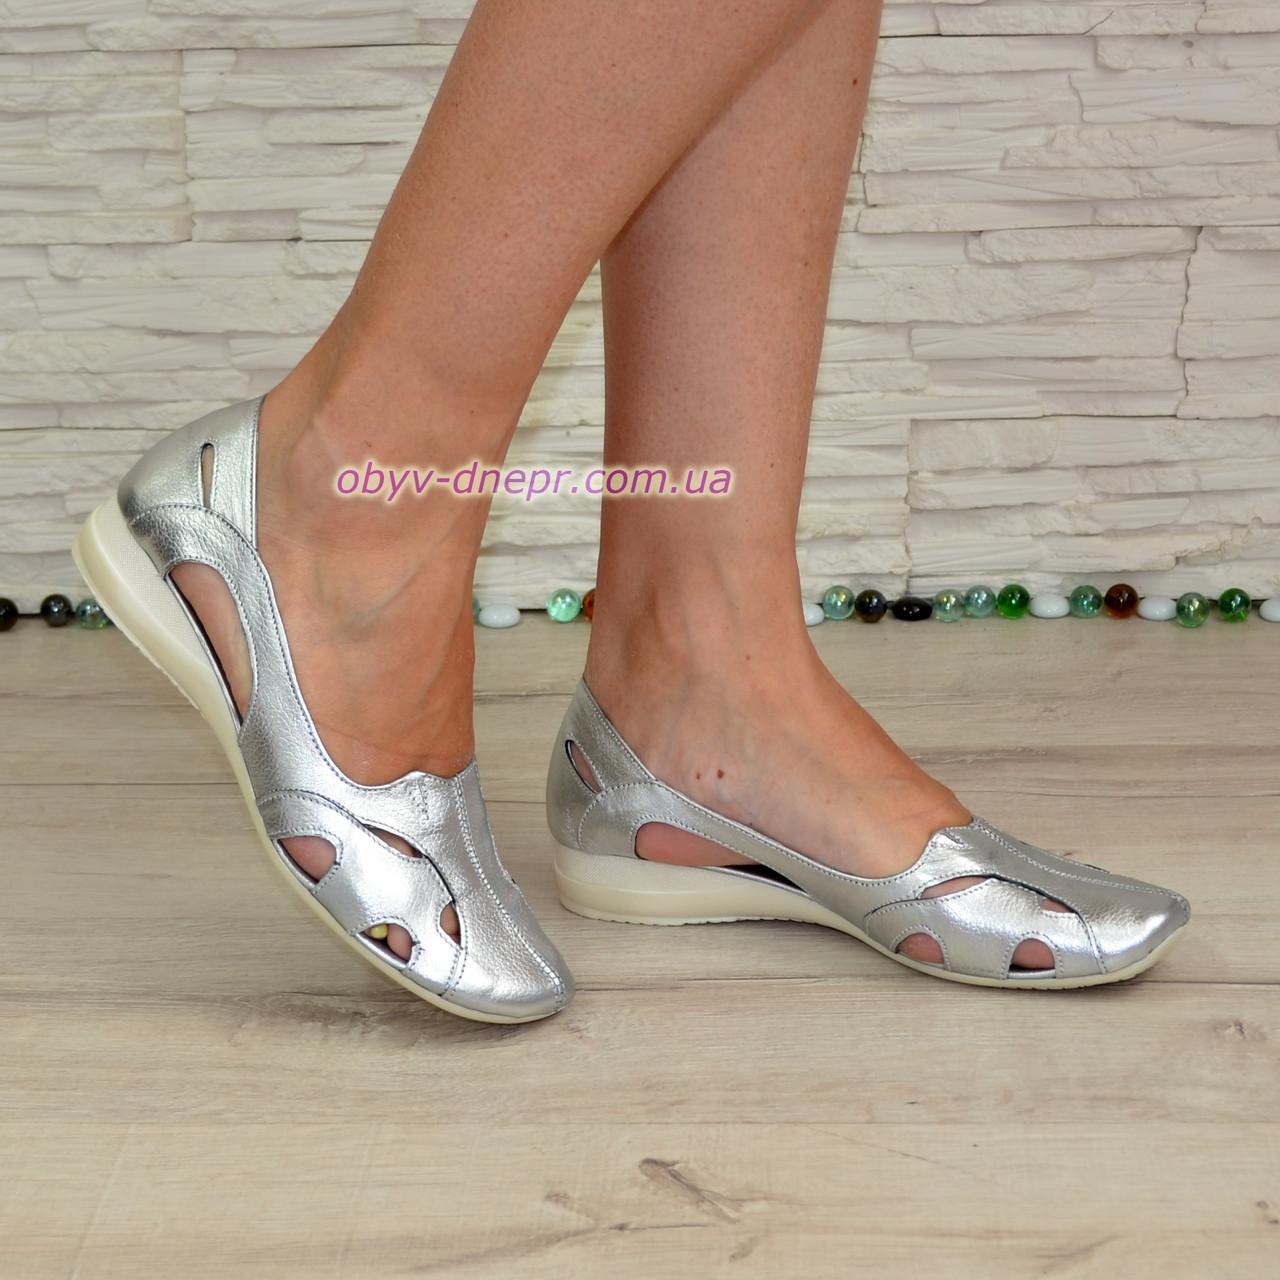 Балетки кожаные женские летние, цвет серебро